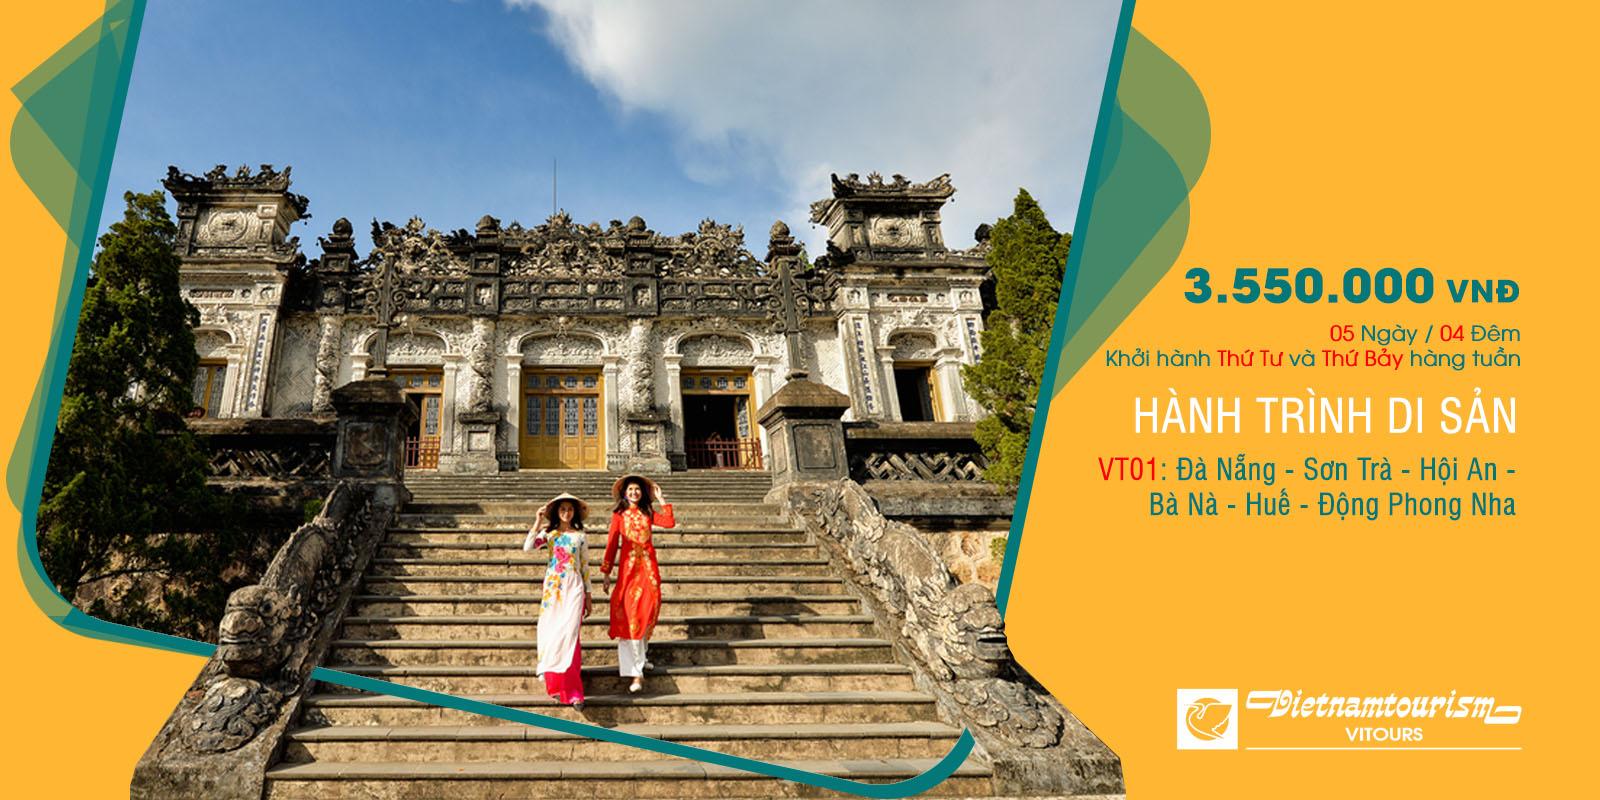 Tour Hành trình Di sản 5N4Đ Đà Nẵng - Sơn Trà - Hội An- Bà Nà- Huế - Động Phong Nha chỉ 3.550.000 vnđ Vitours JSC